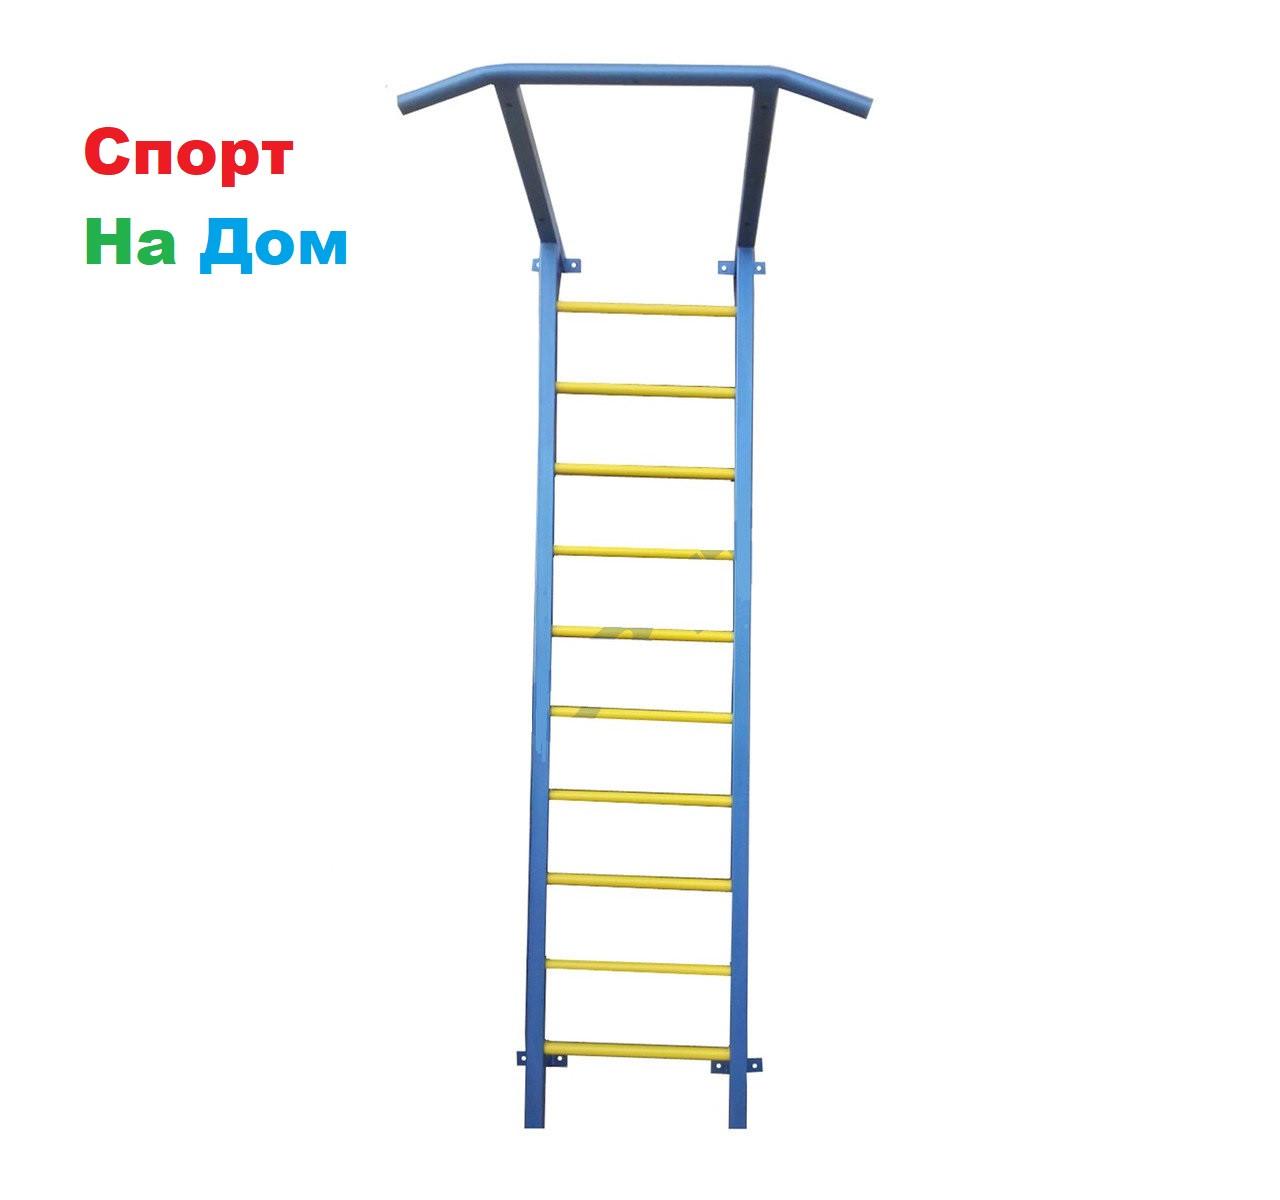 Детский спорткомплекс распорный  2,20 м